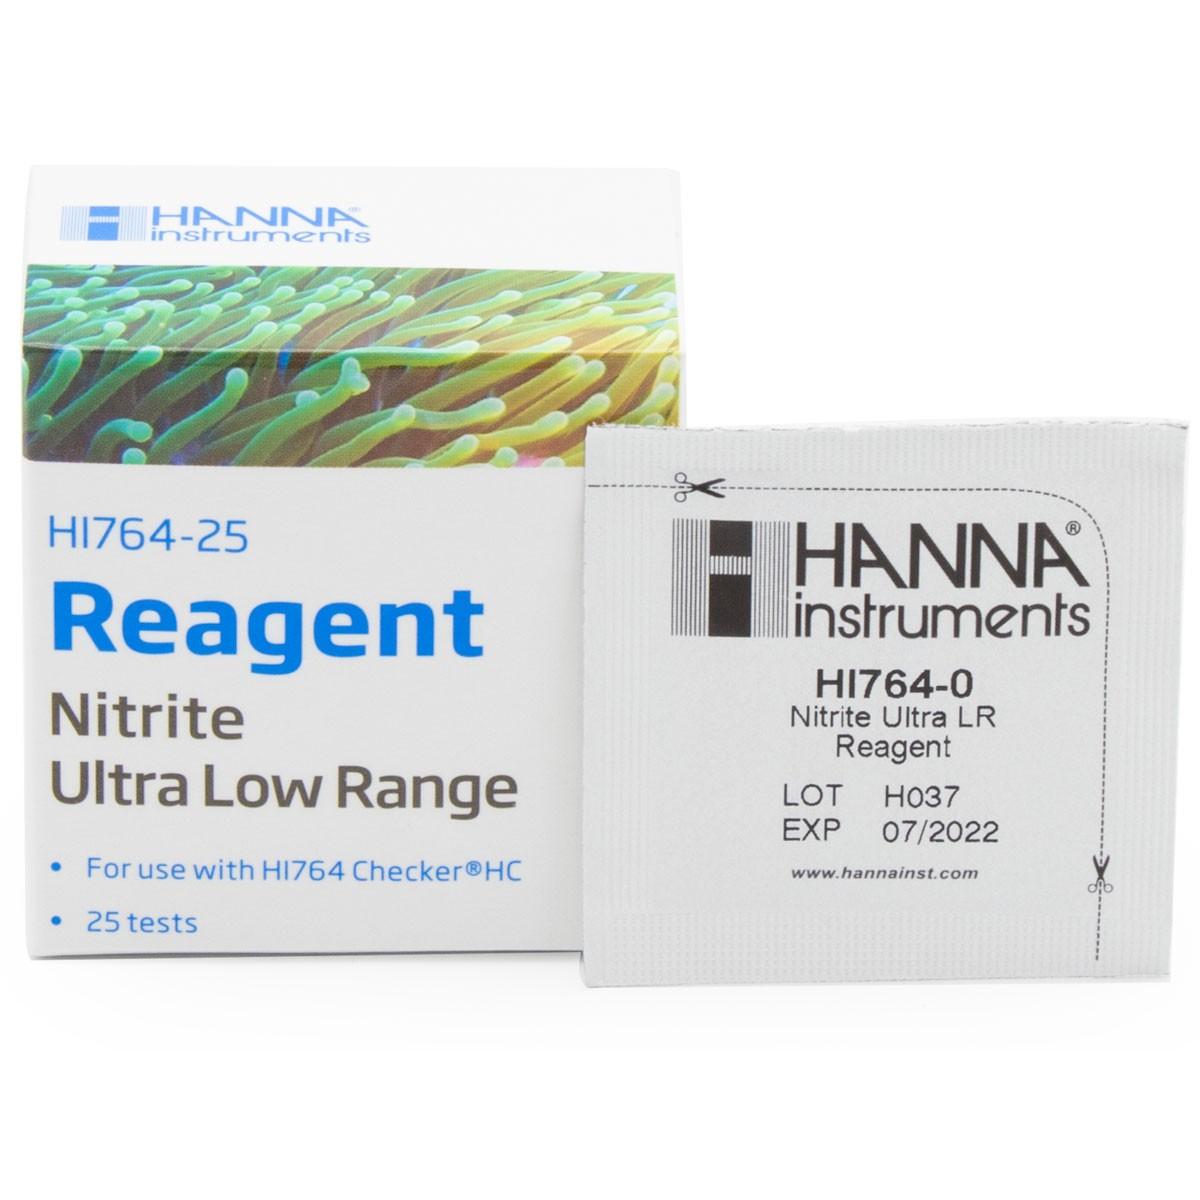 Thuốc Thử Nitrit ULR Cho Checker HI764, 25 lần HI764-25